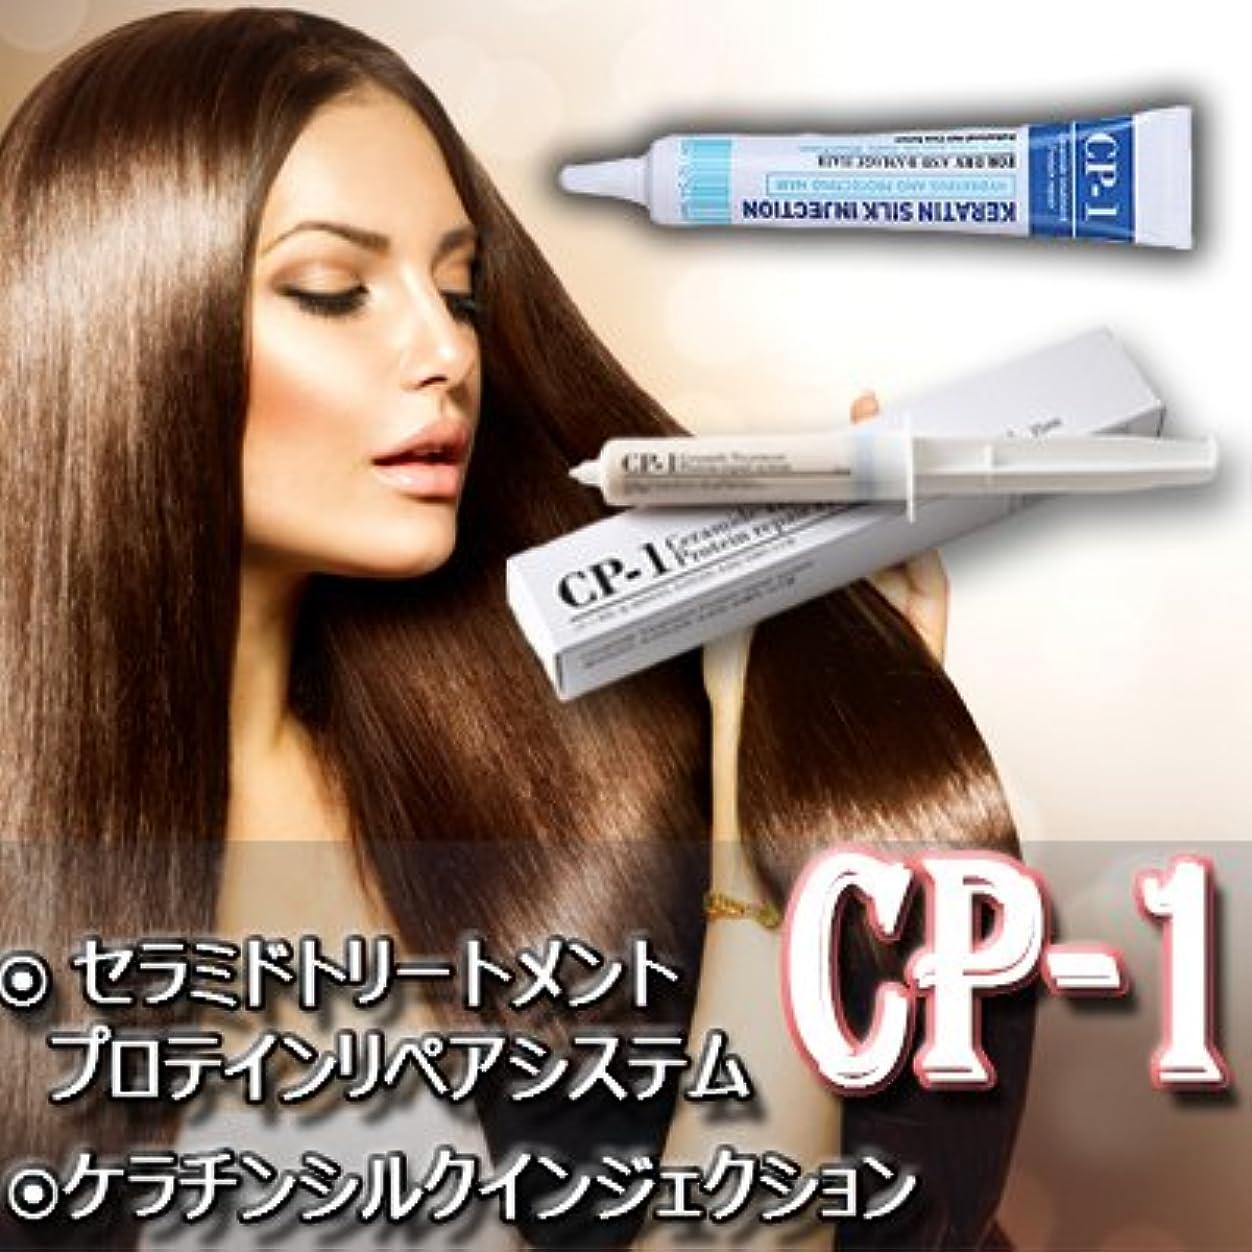 不屈平野ソファー[CP-1 Keratin 10pcs 1タンパク質アンプル] 洗いながすことなく塗るだけOK!毎日使用してください!【10個入り】